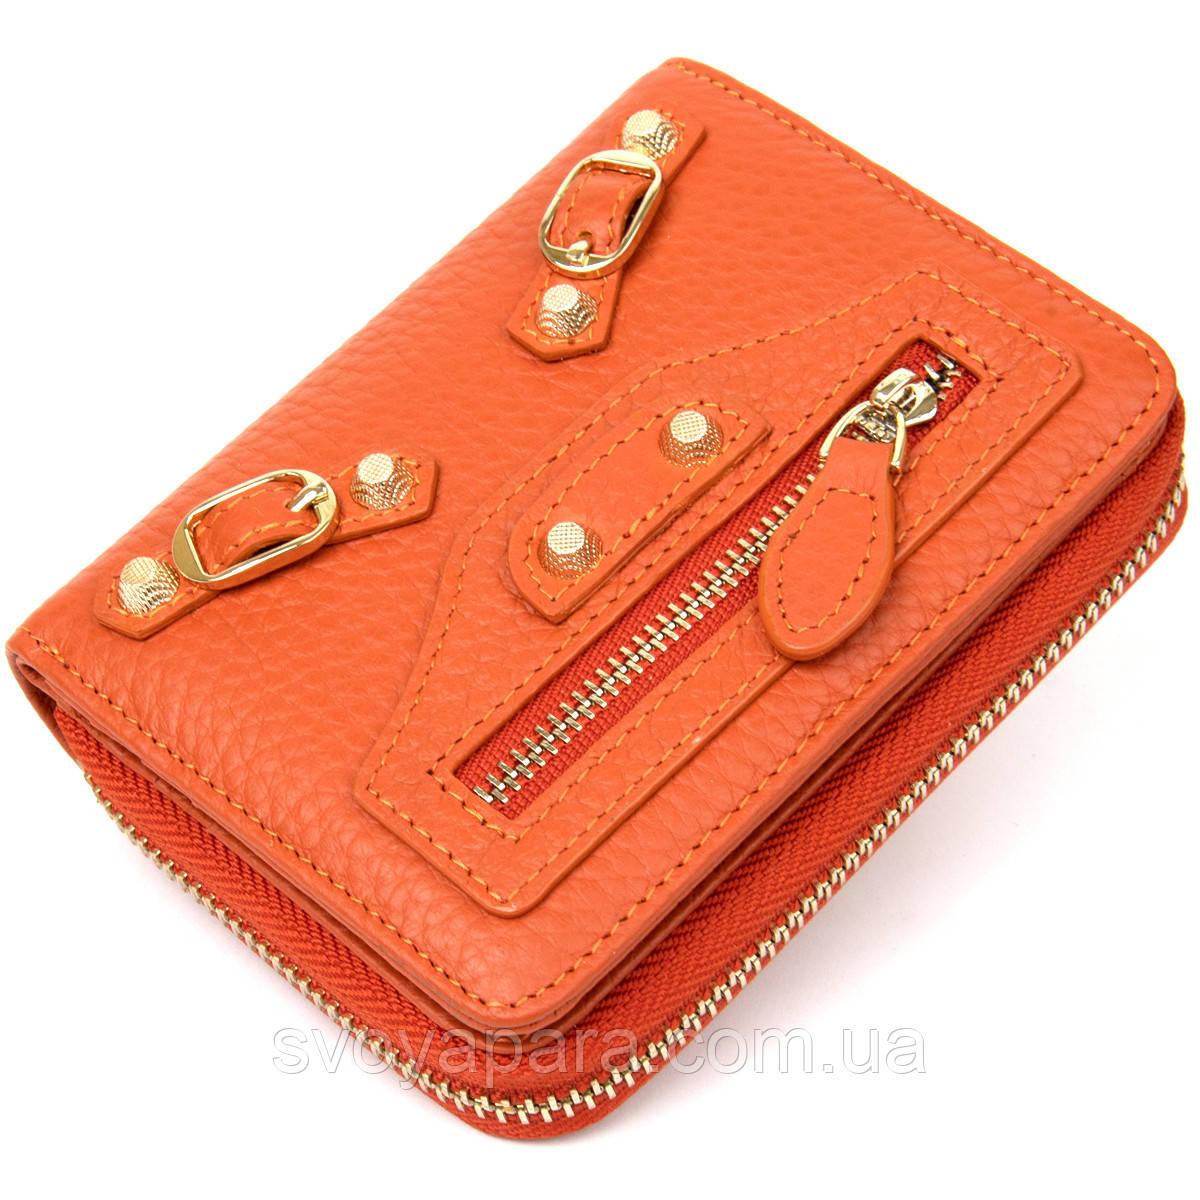 Шкіряний жіночий гаманець Guxilai 19399 Помаранчевий